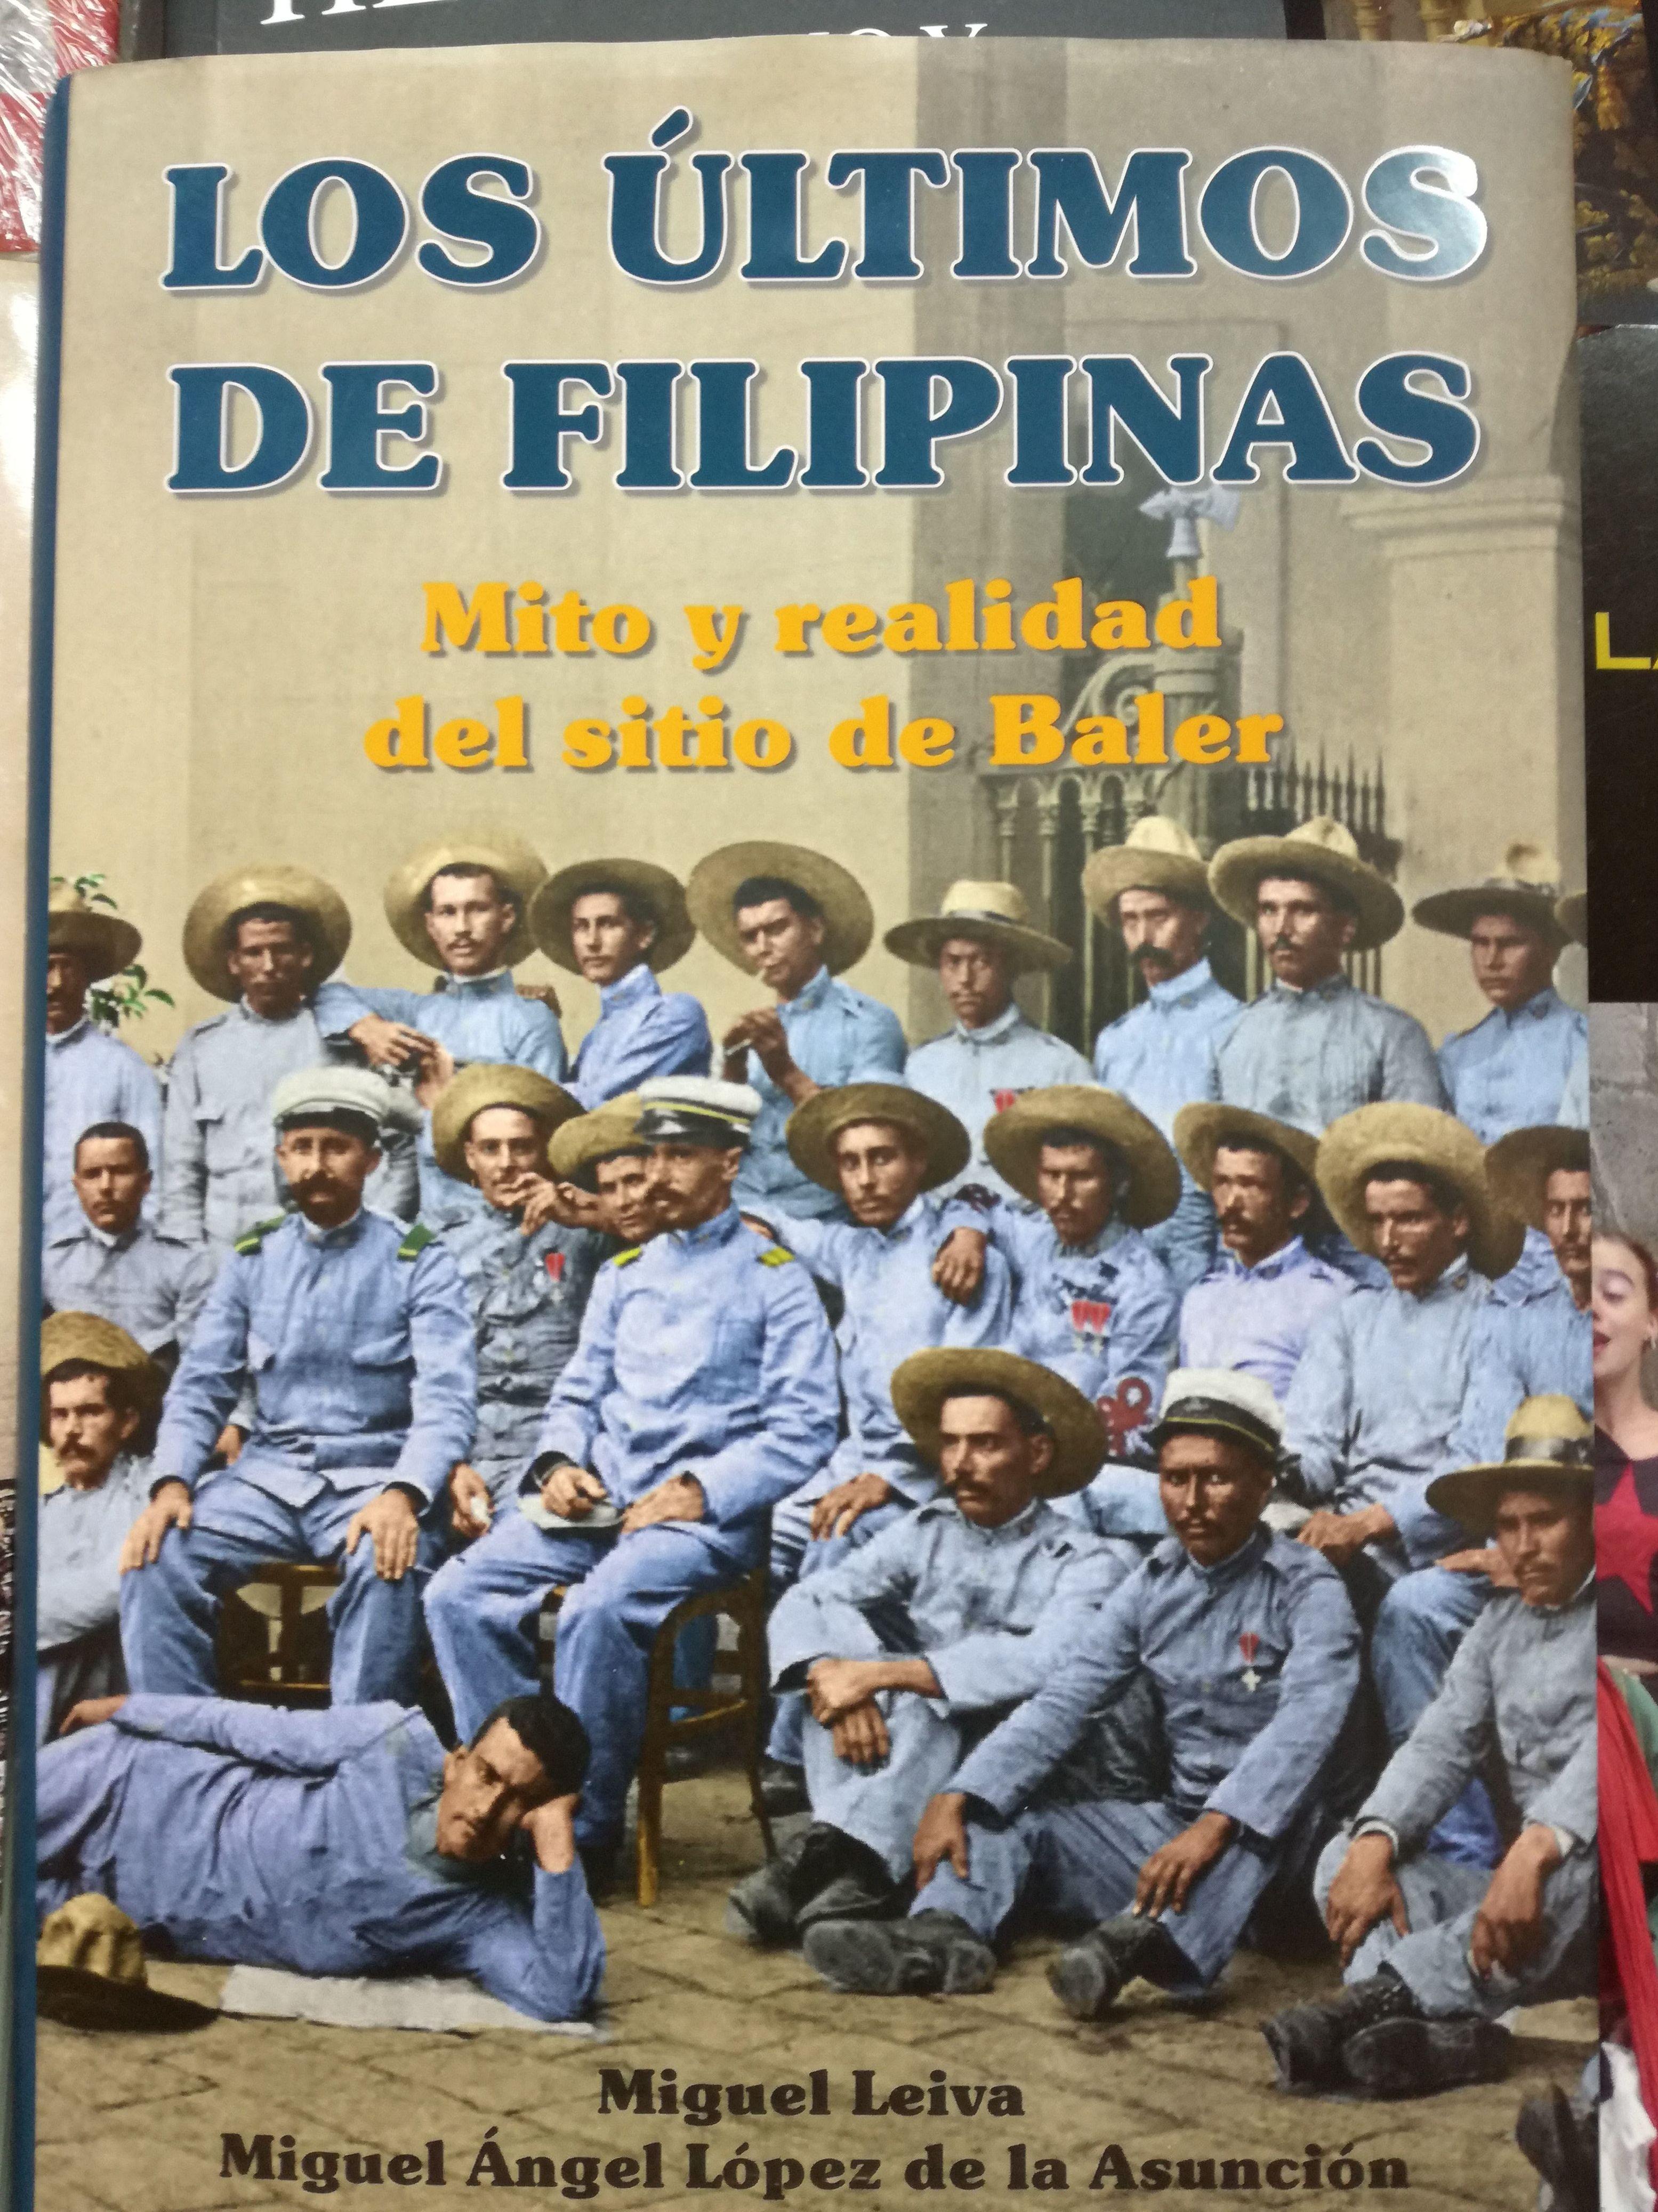 LOS ULTIMOS DE FILIPINAS : SECCIONES de Librería Nueva Plaza Universitaria